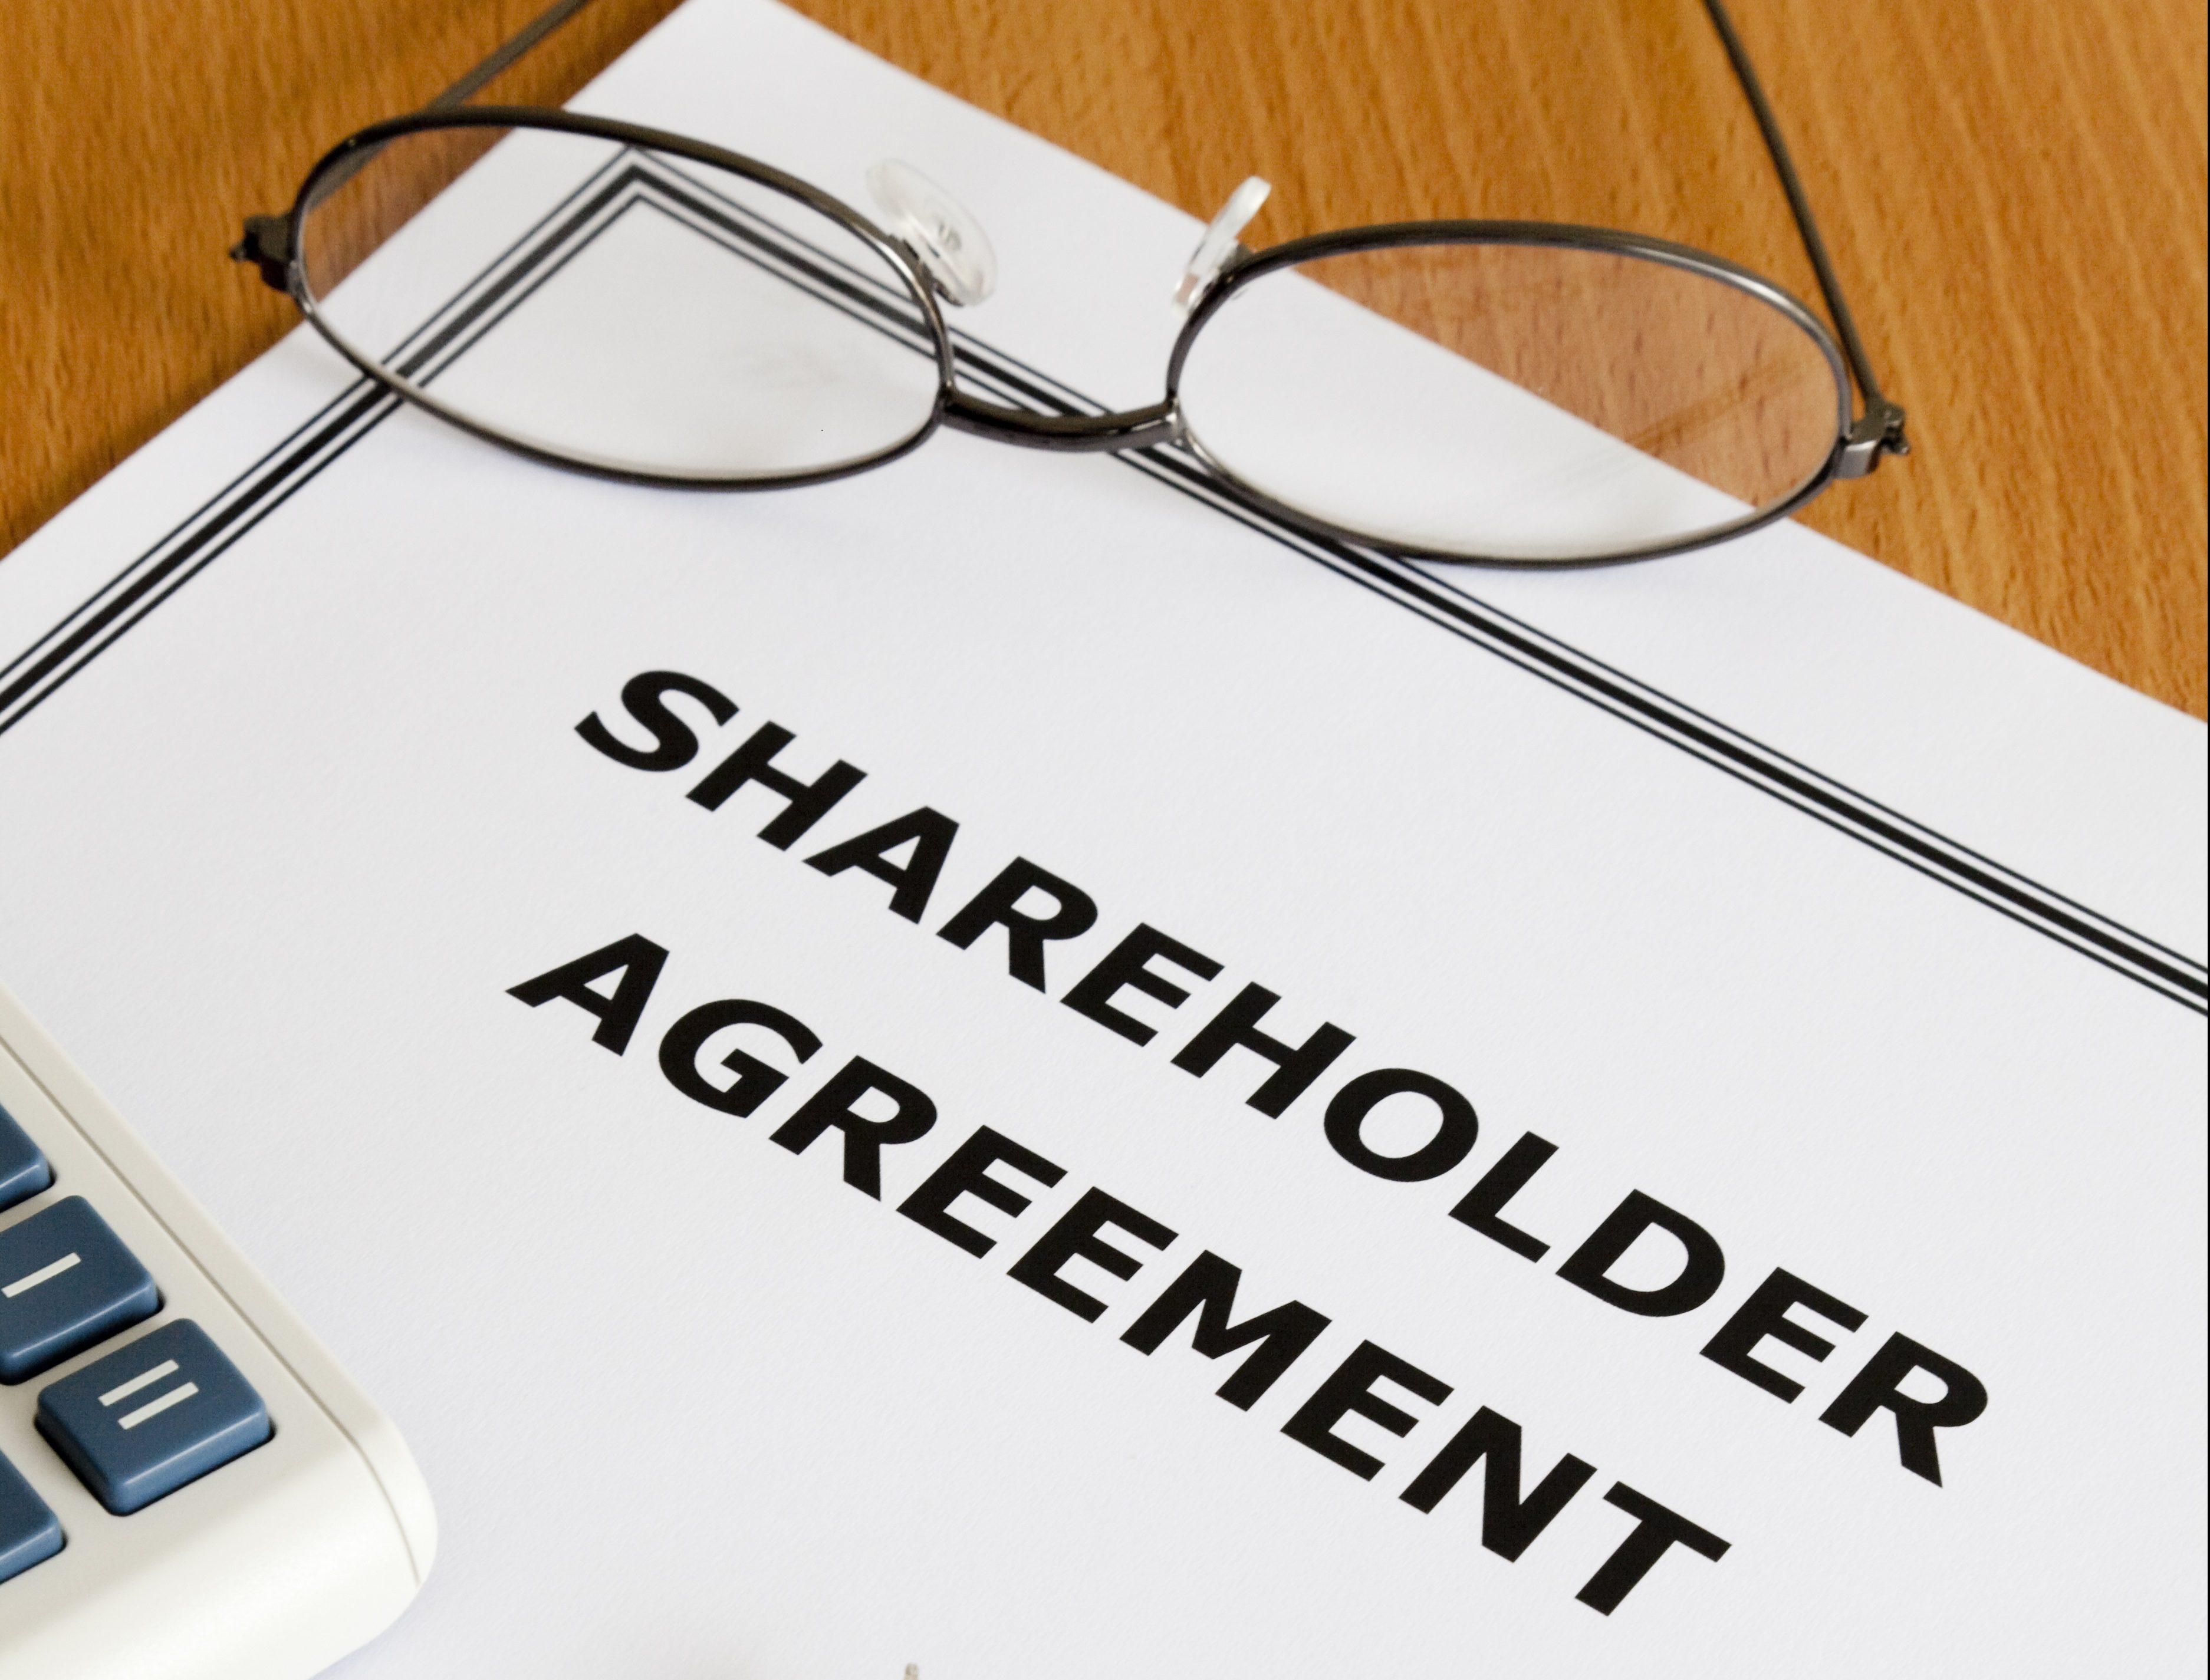 چگونه در یک استارتاپ سهام رو بین خودمون تقسیم کنیم؟